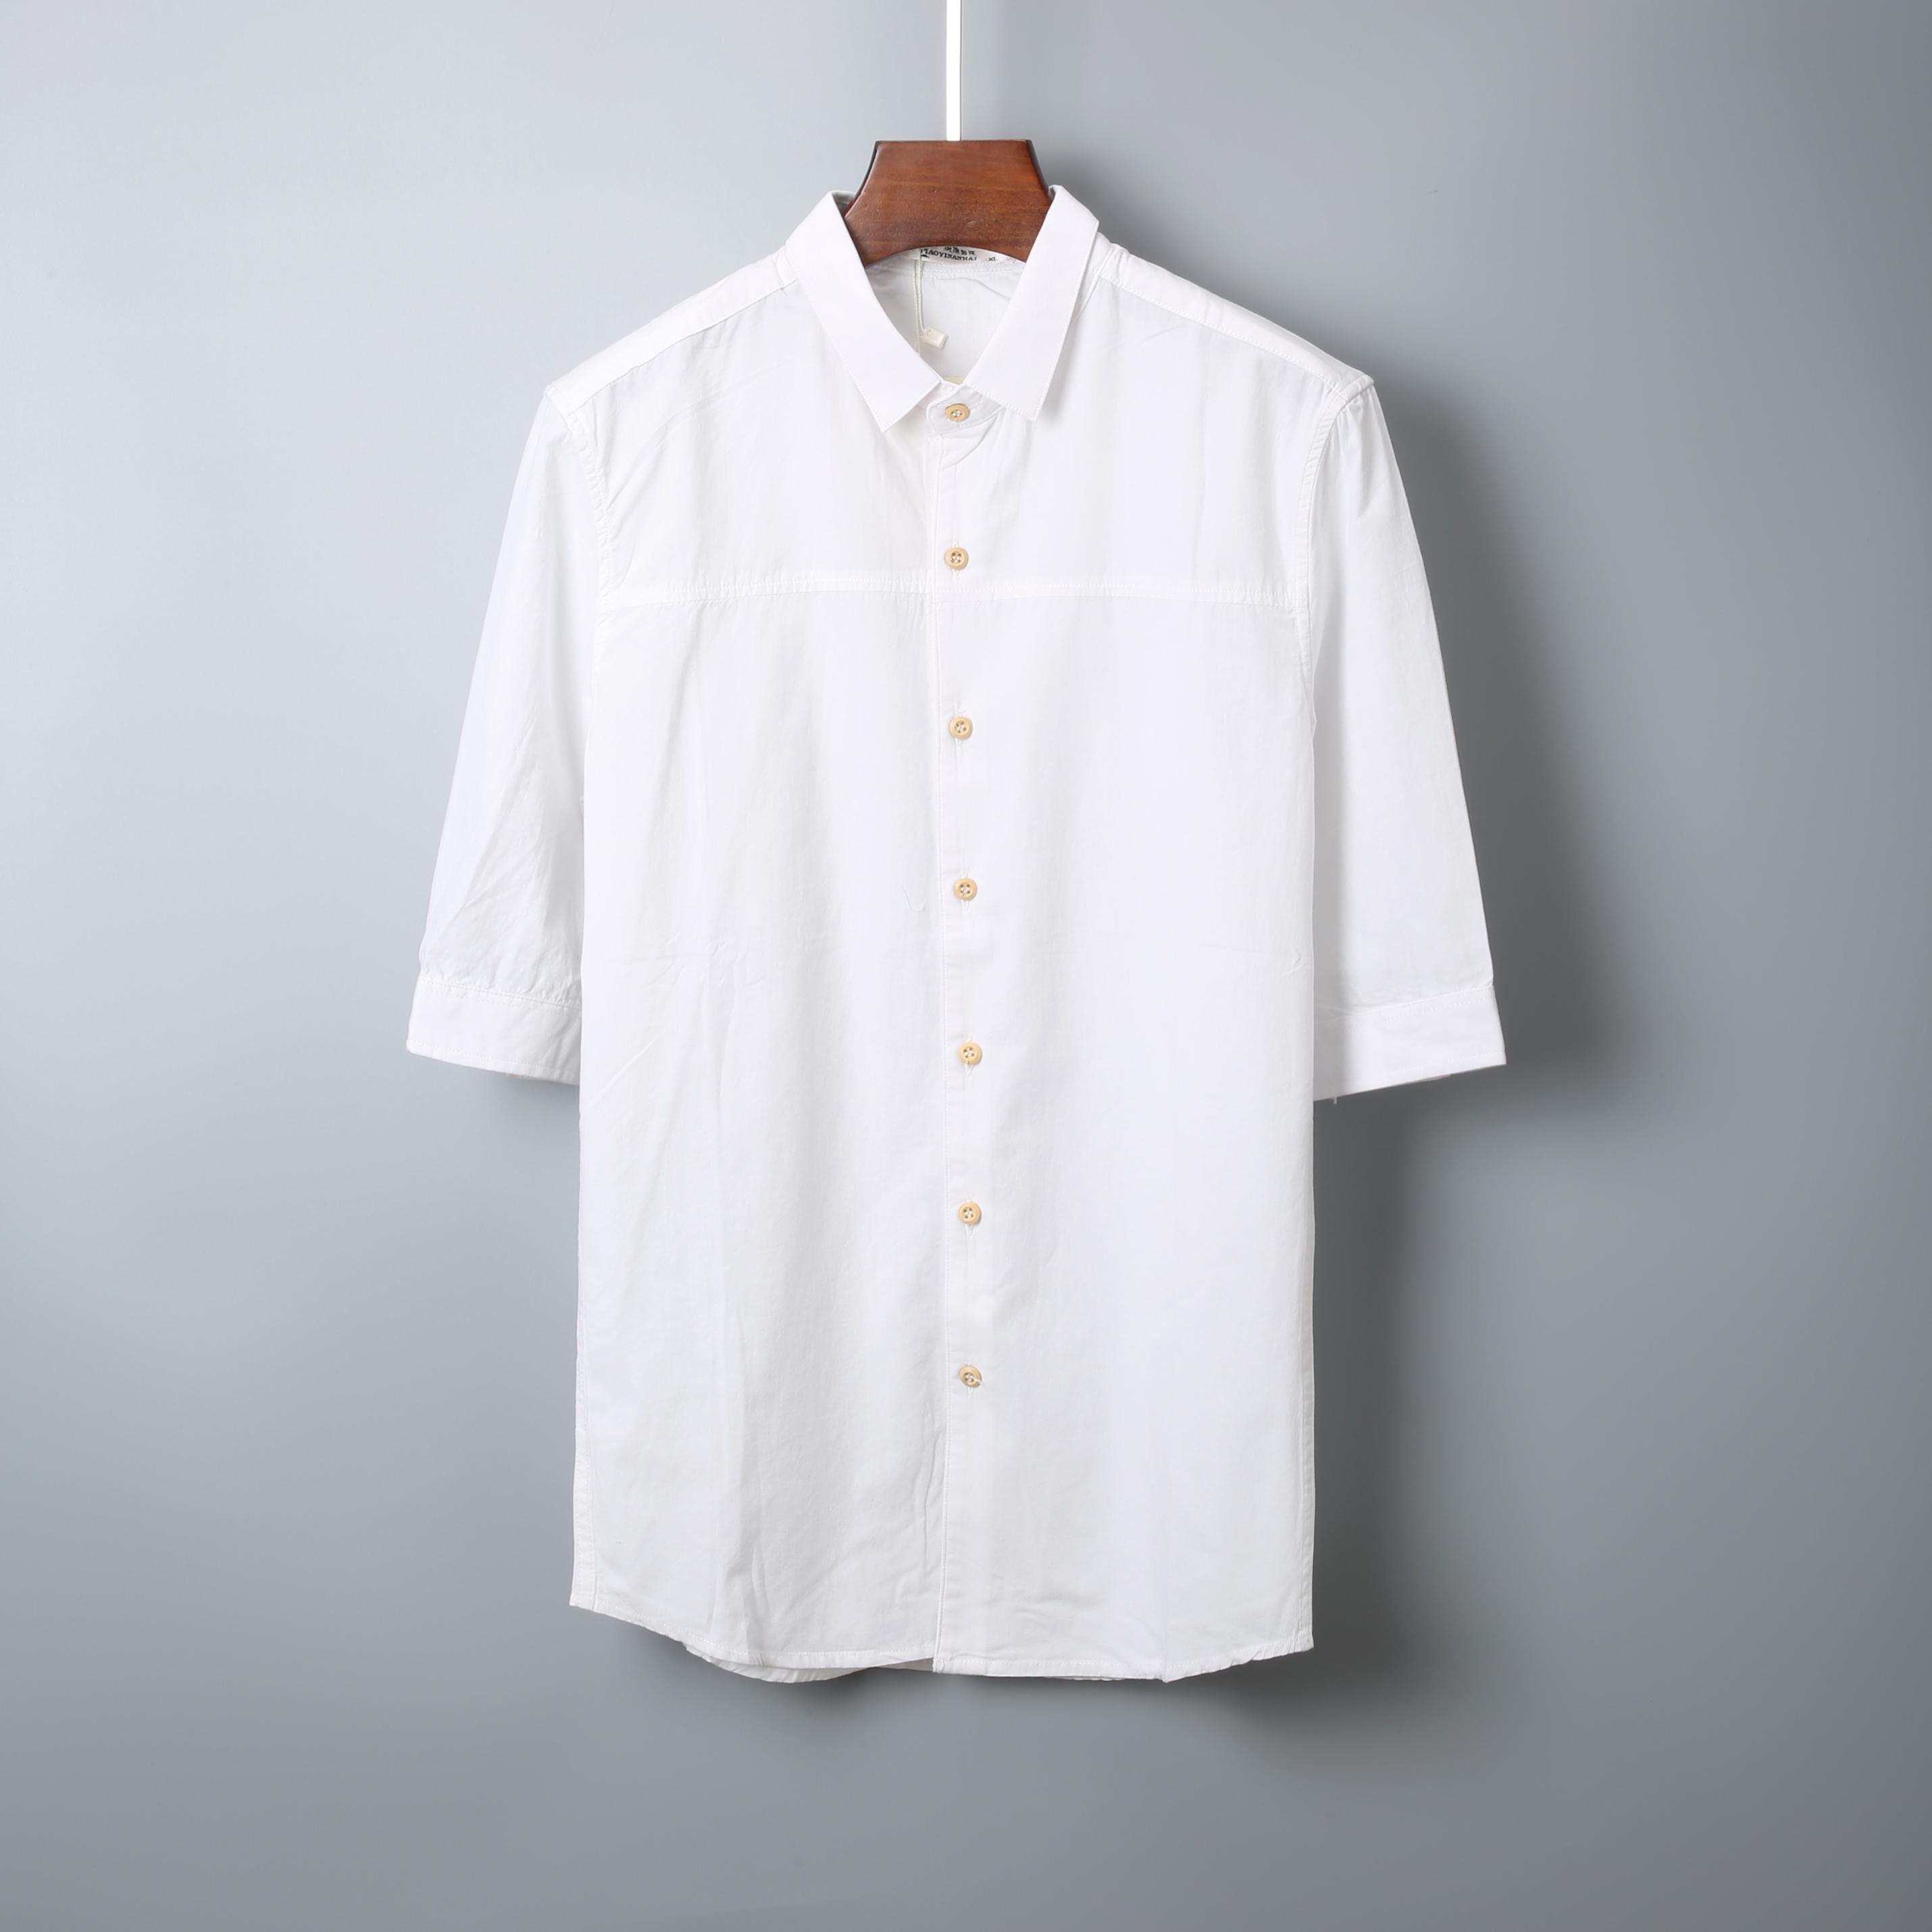 男装衬衫 2018夏季新款韩版男装短袖衬衣靓仔休闲修身中袖衬衫潮流上衣1510_推荐淘宝好看的男衬衫